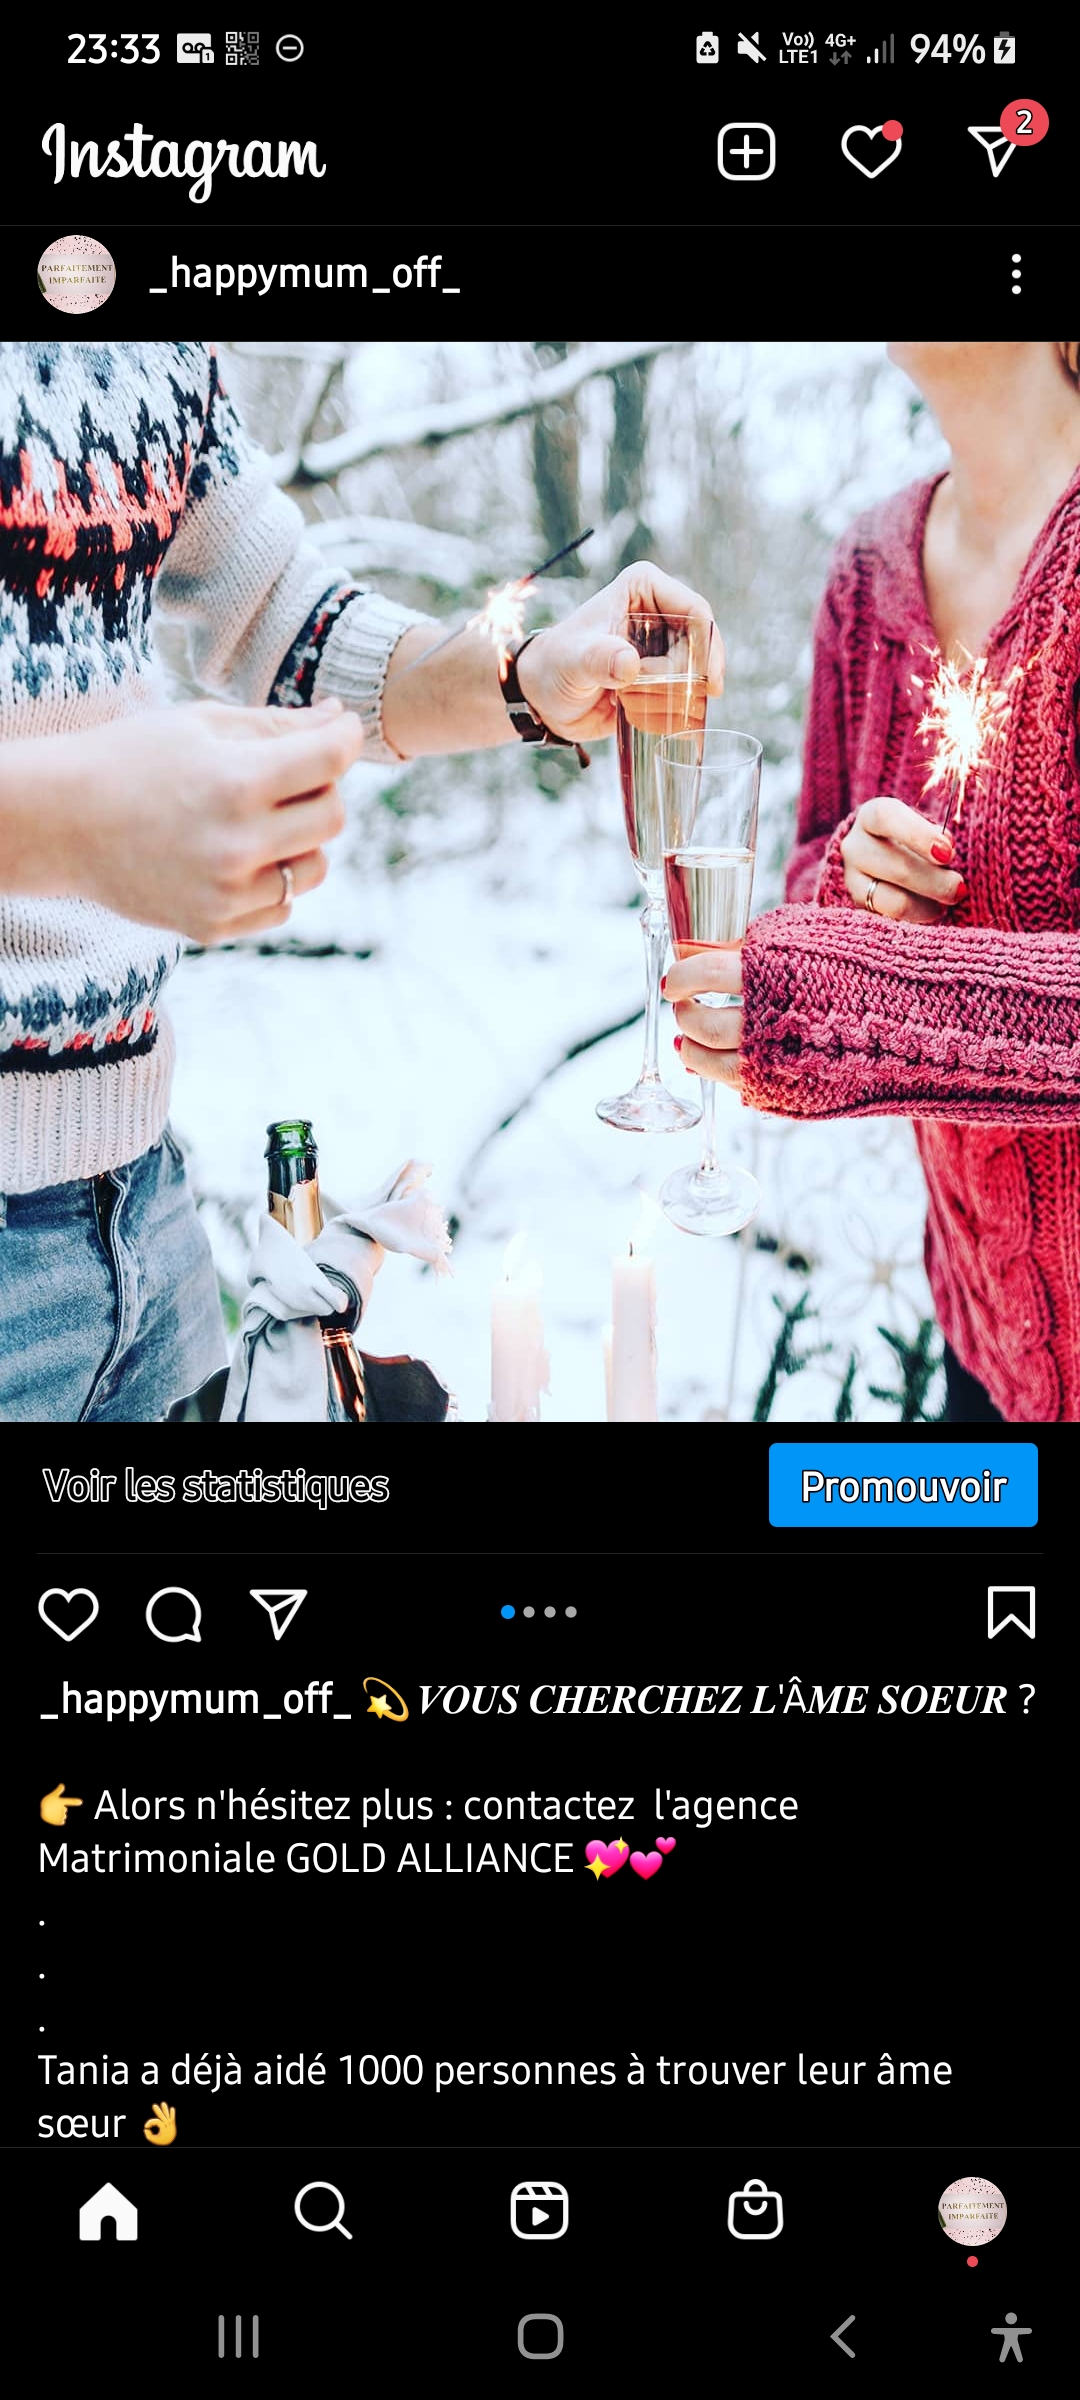 Promotion de l'agence matrimoniale GOLD ALLIANCE